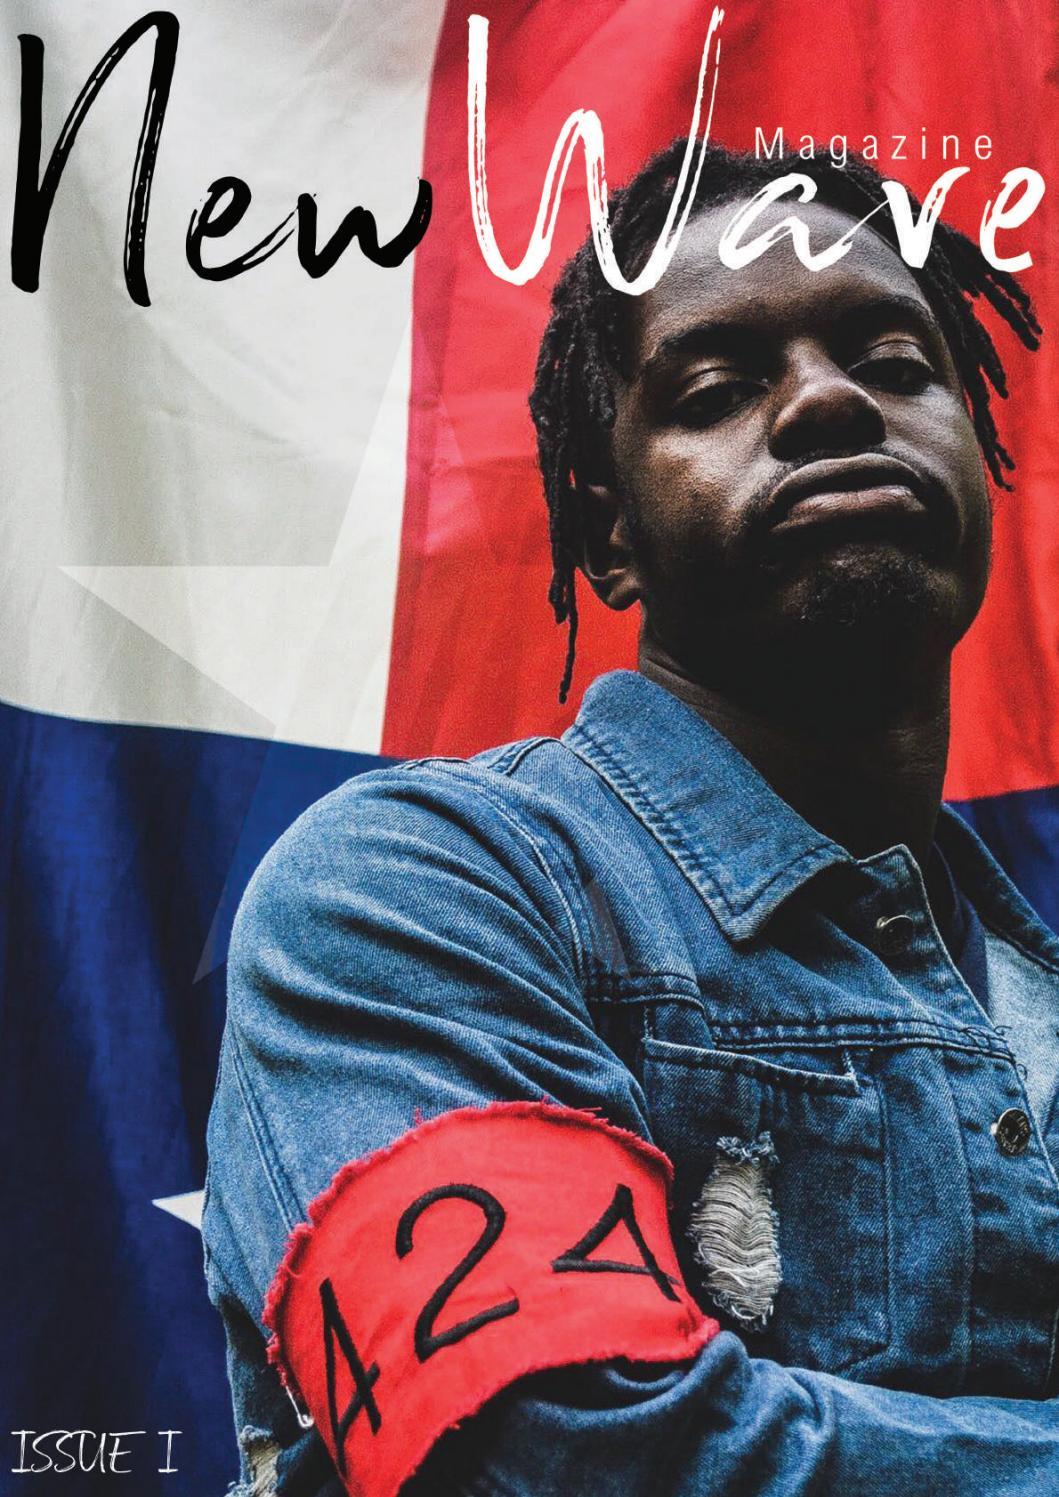 New Wave Magazine - Issue I by New Wave Magazine - issuu